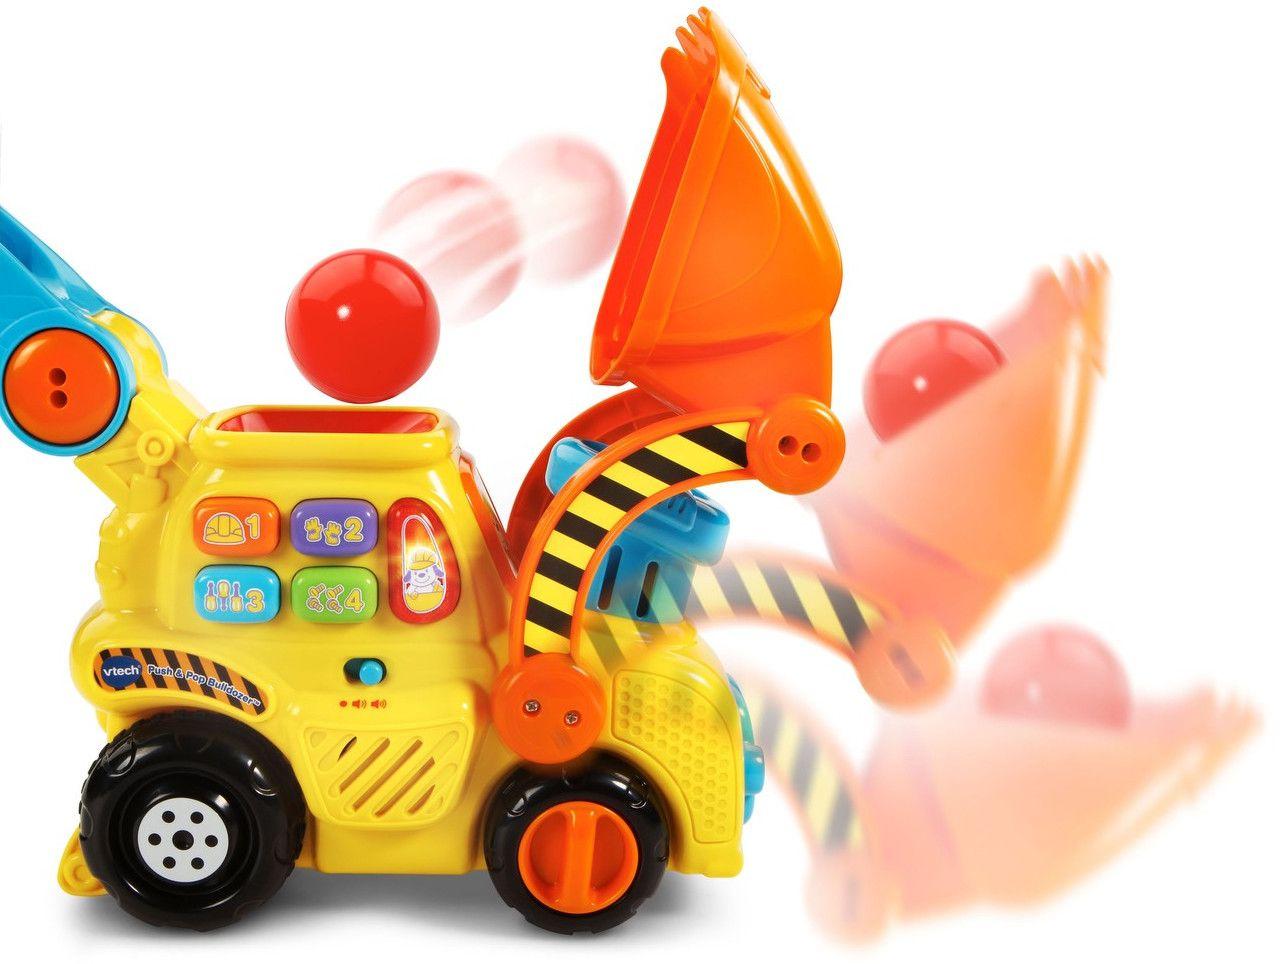 Занимателна играчка Vtech - Изстрелващи топчета - 4